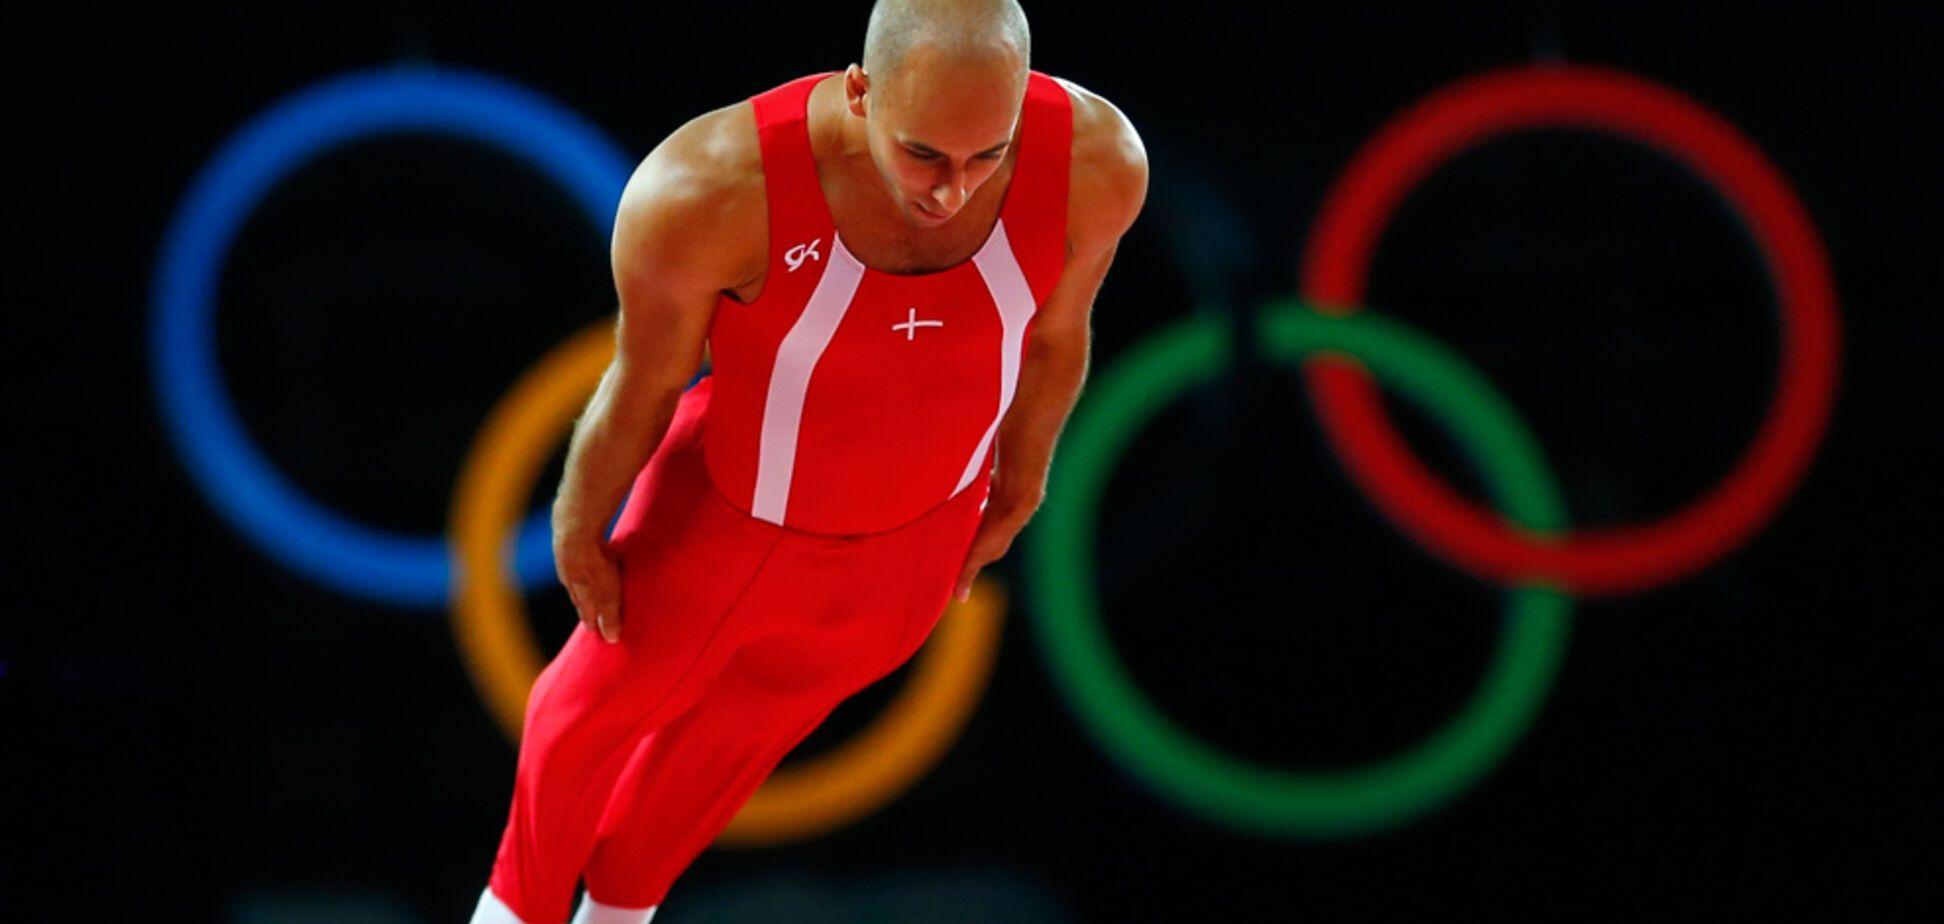 Олімпіада 2012